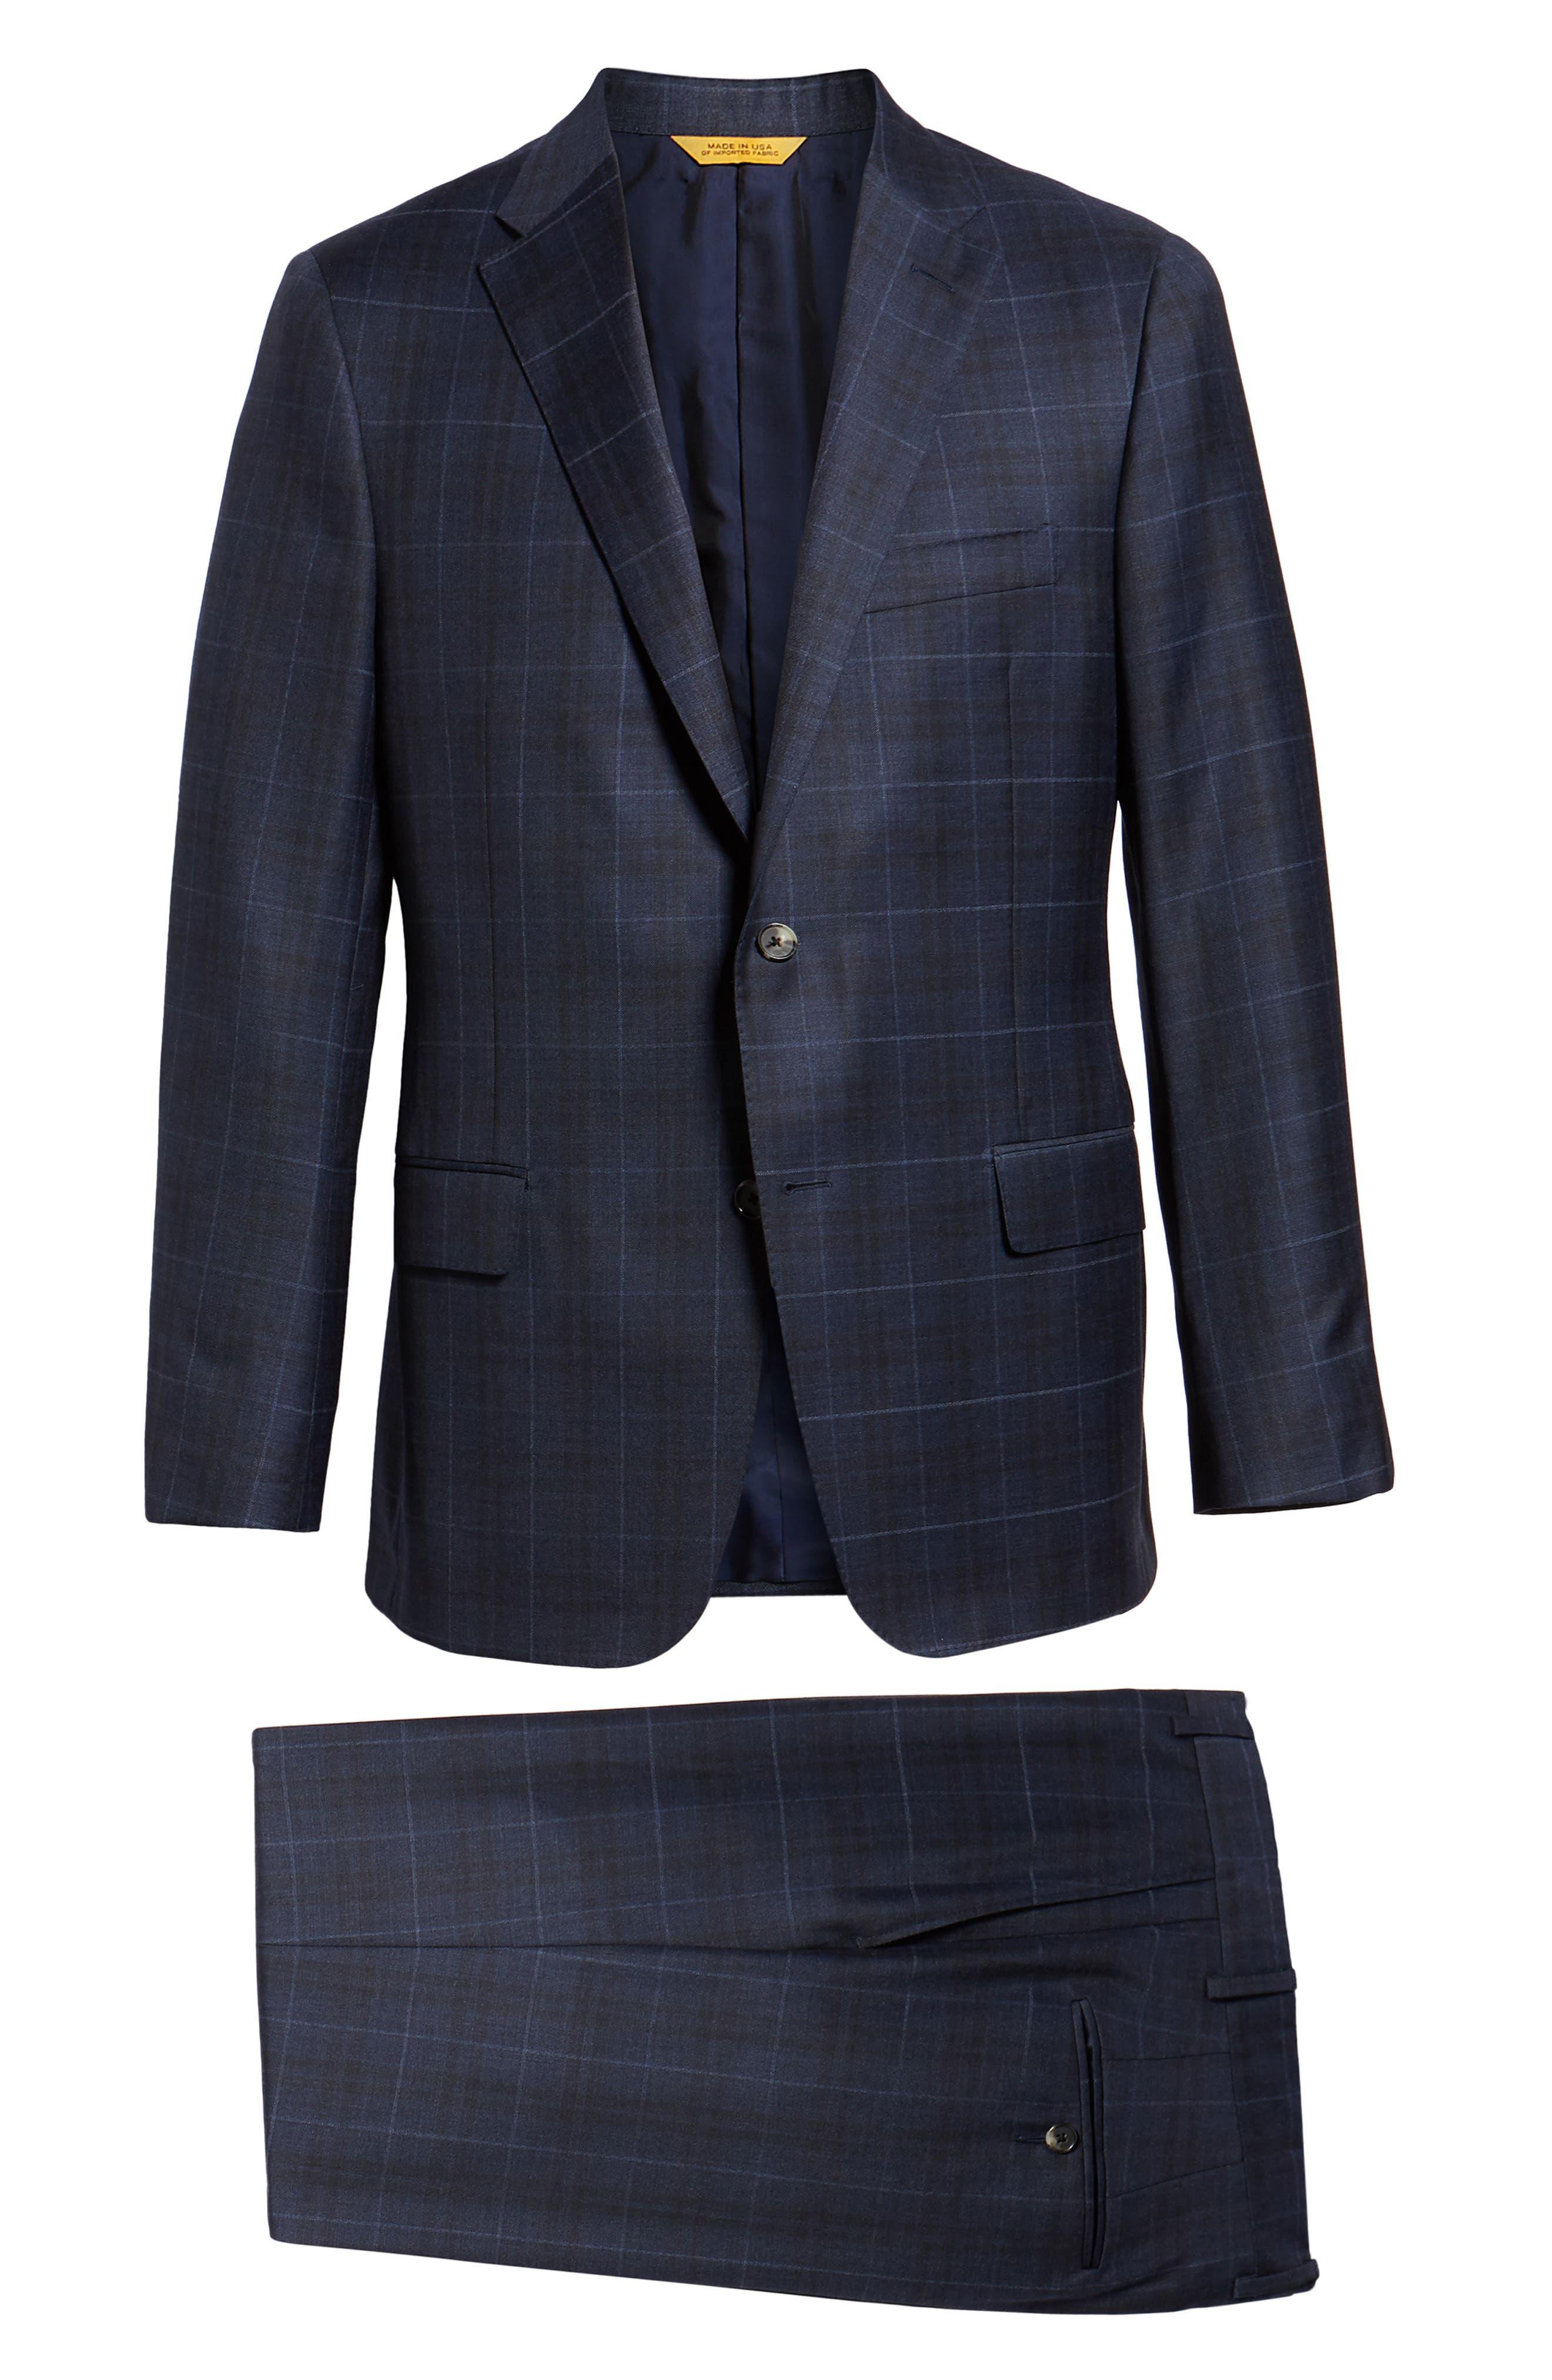 Classic Fit Plaid Wool Suit,                             Alternate thumbnail 8, color,                             DARK BLUE